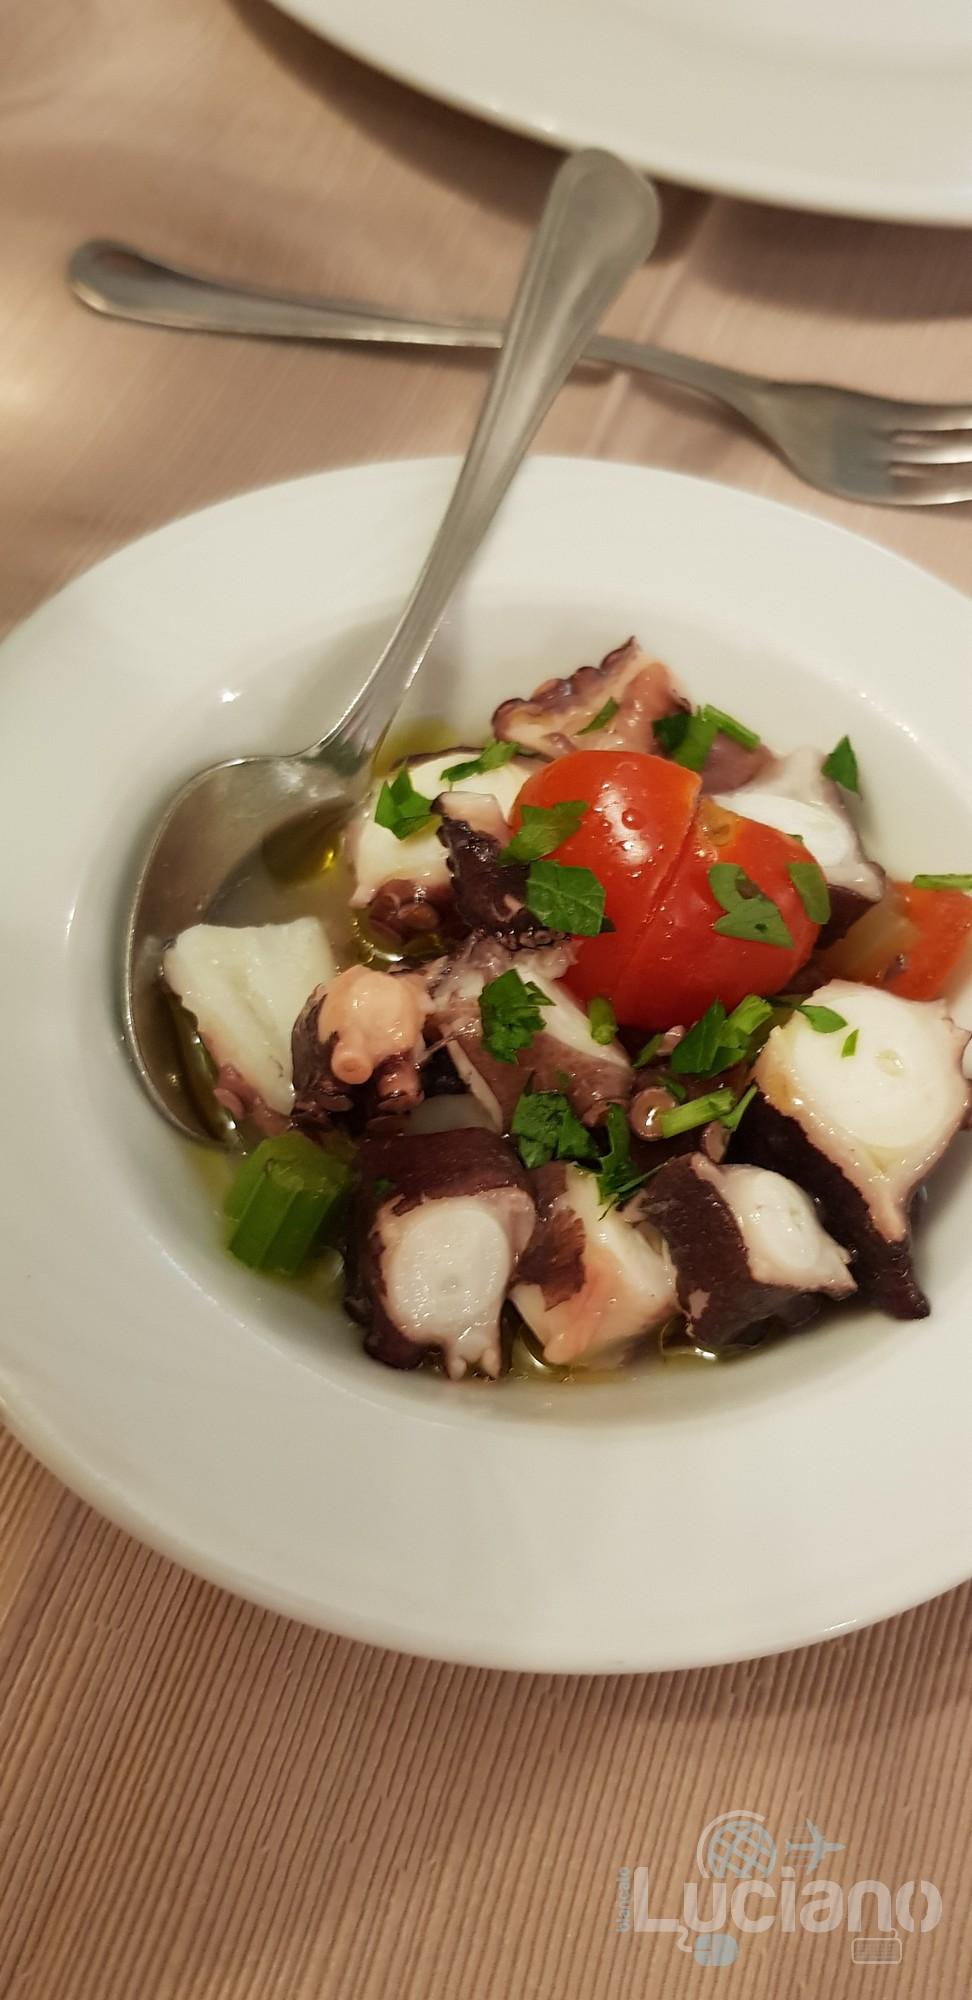 Trattoria Catania Ruffiana - Mix di Antipasti: insalata di polipo